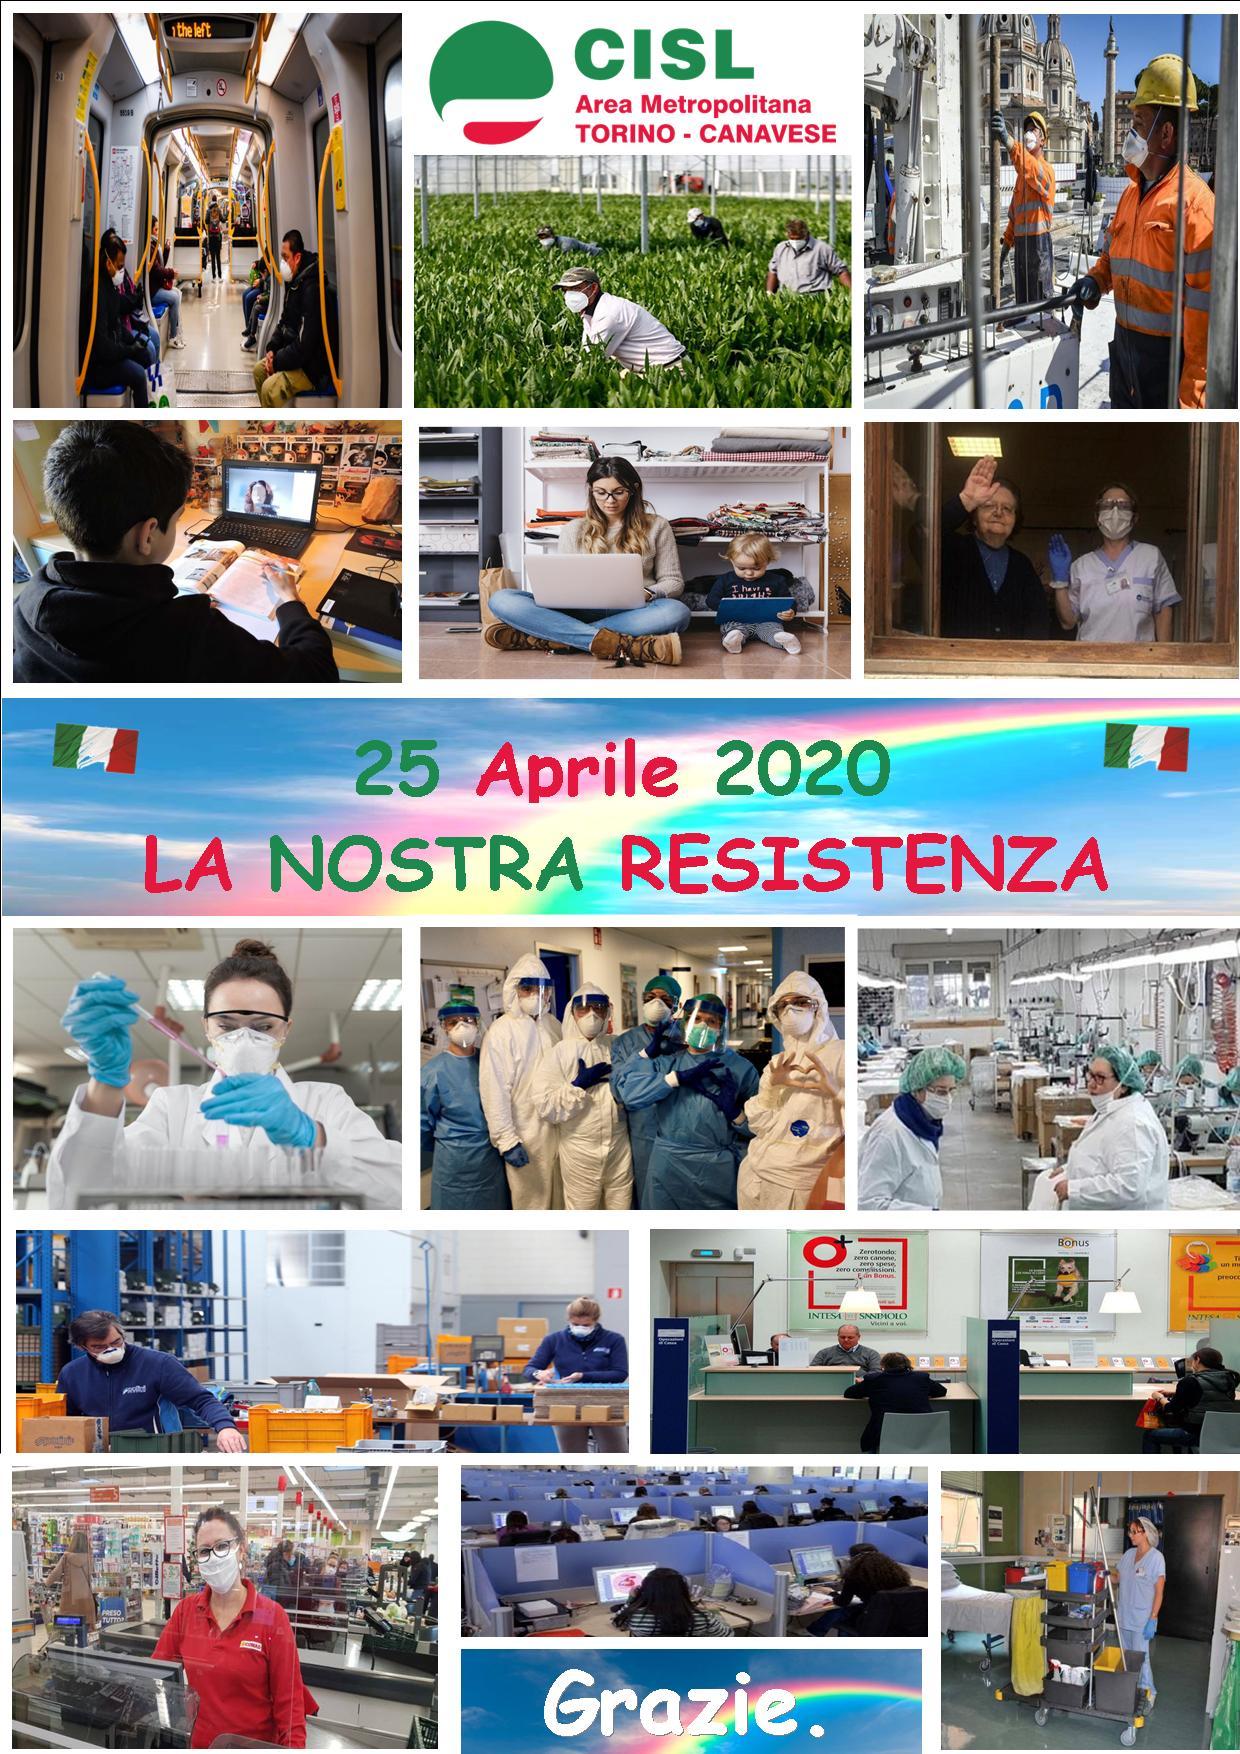 Locandina 25 aprile 2020 - la nostra resistenza